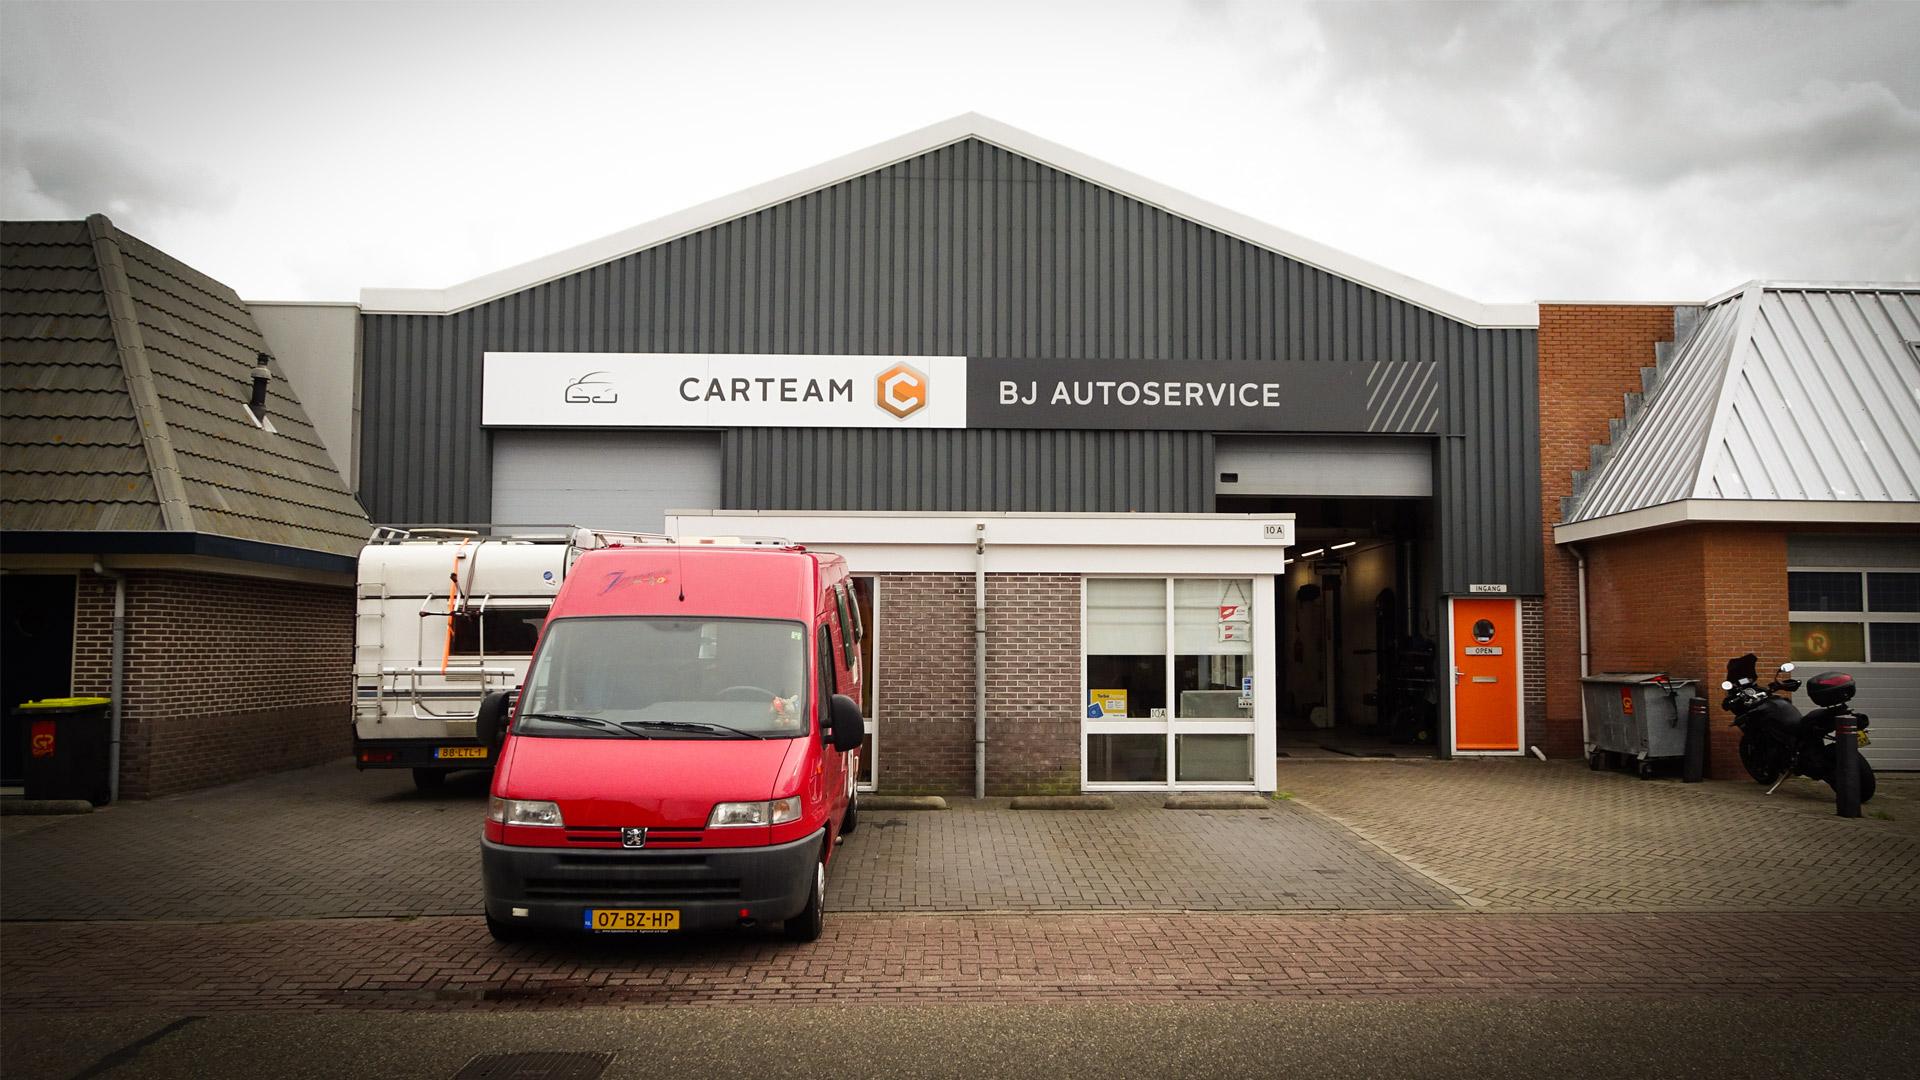 Carteam3